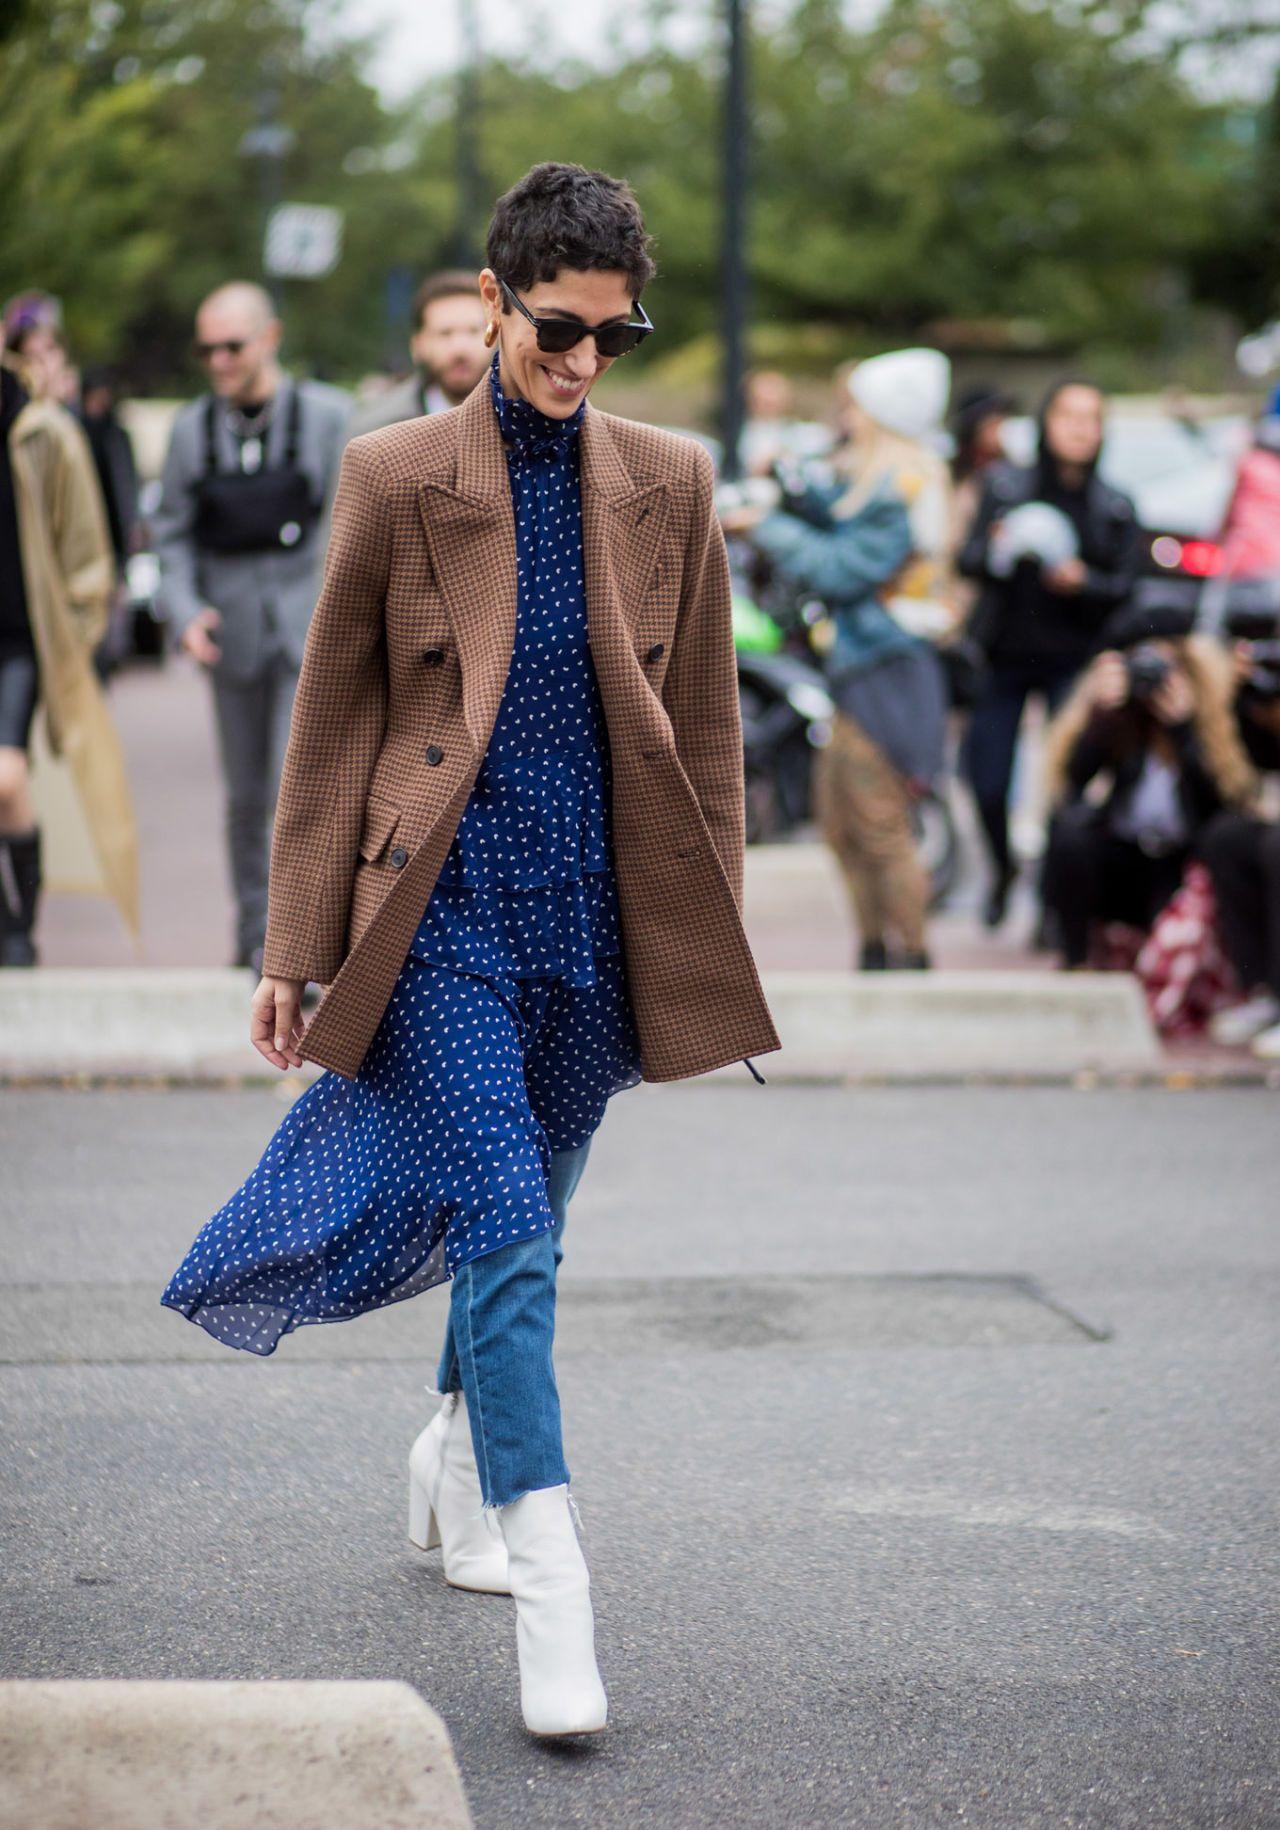 Stivali donna, come abbinarli: 15 outfit moda inverno 2018